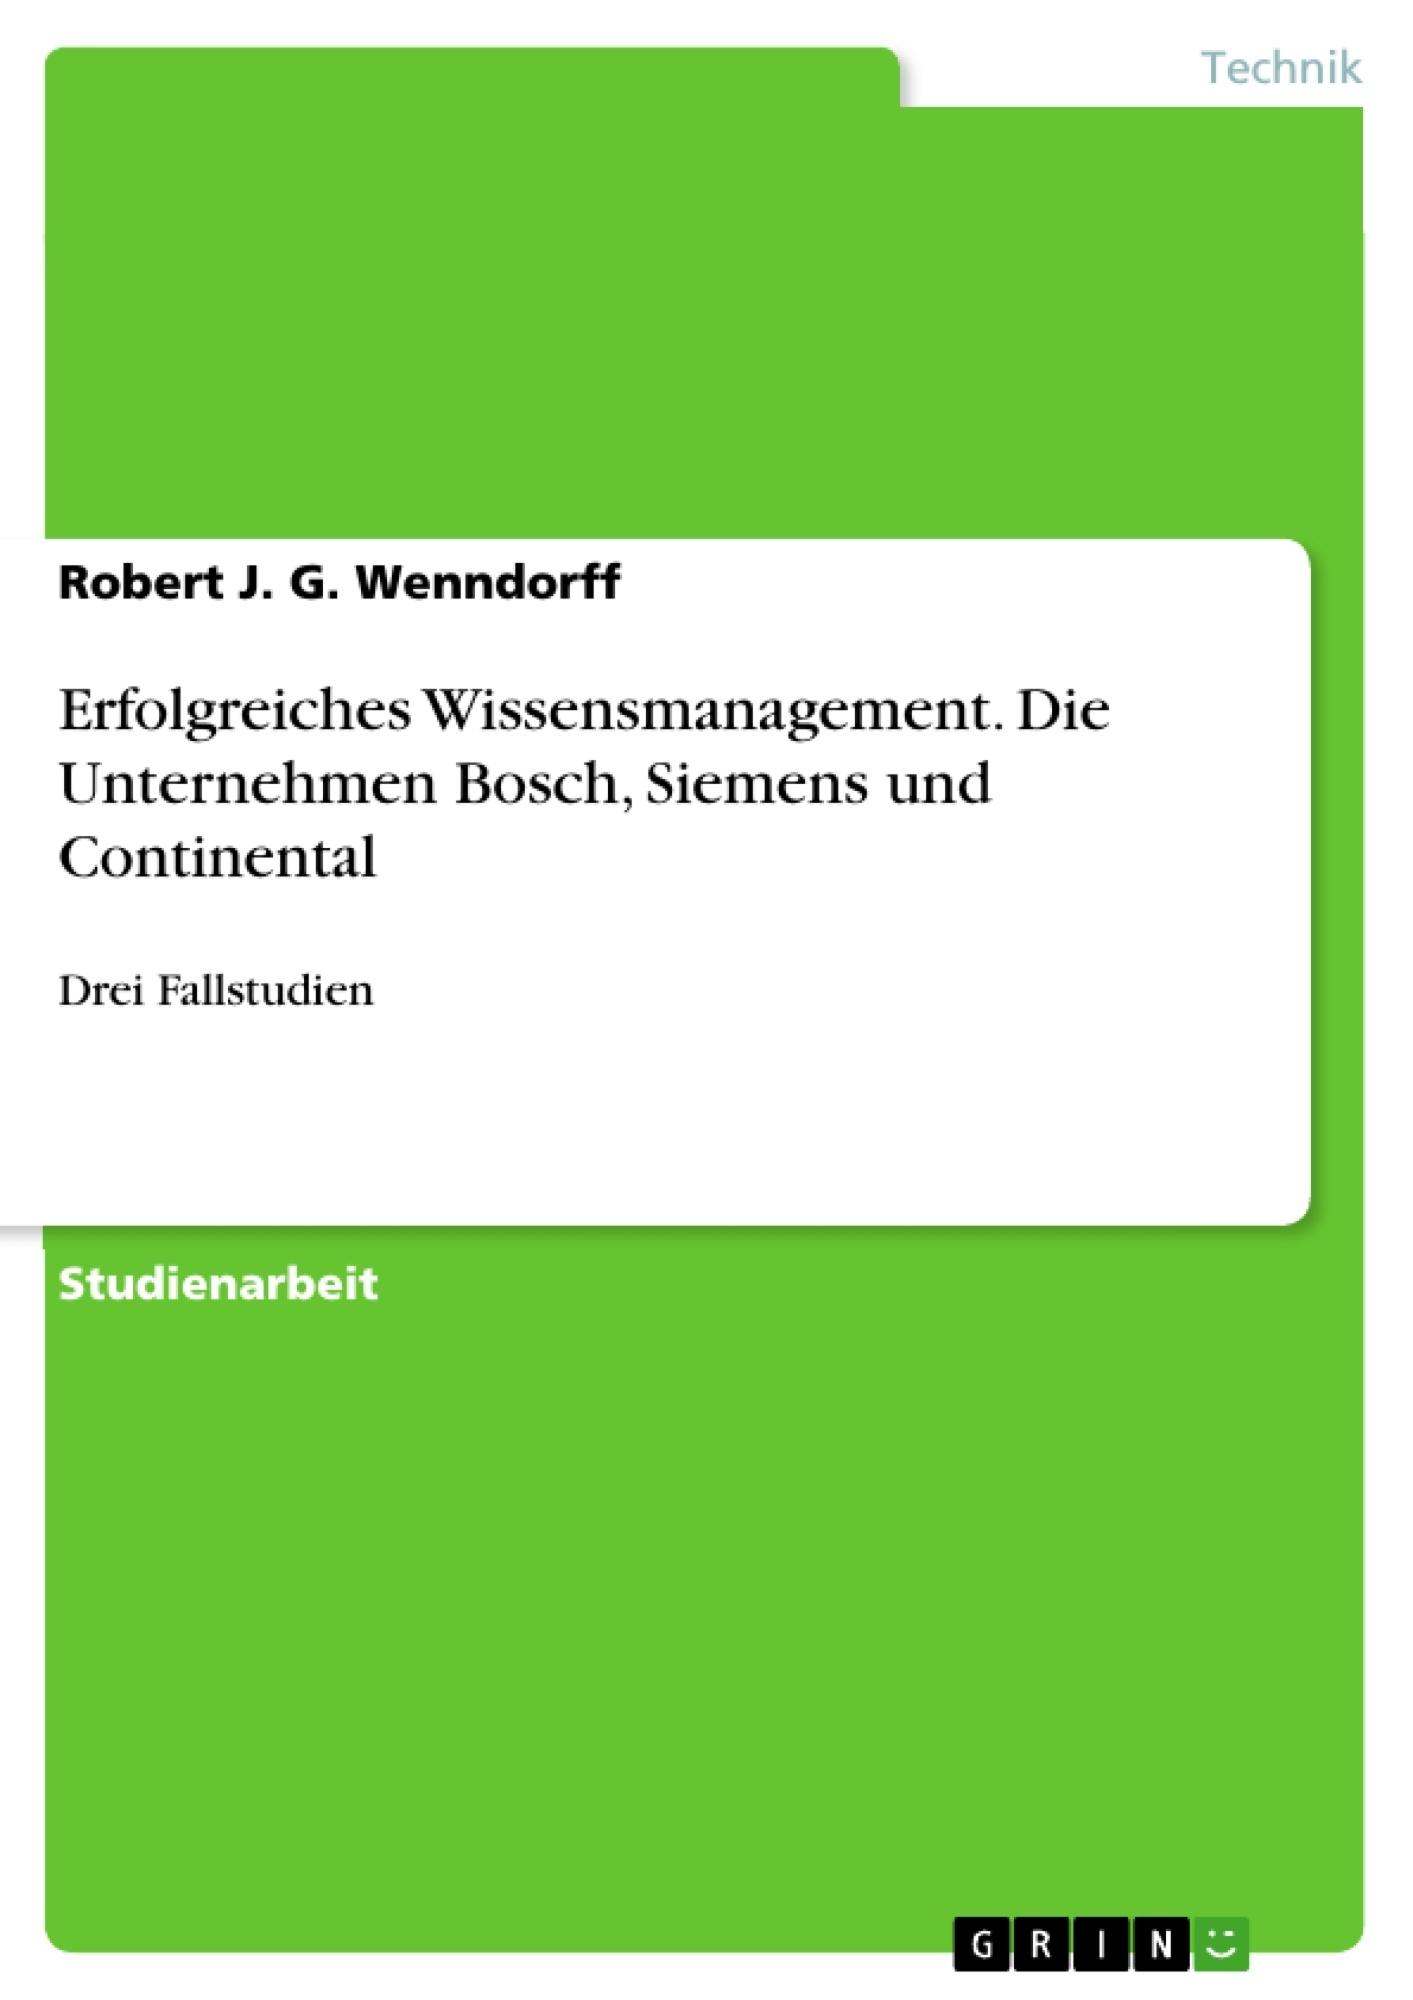 Erfolgreiches Wissensmanagement Die Unternehmen Bosch Siemens